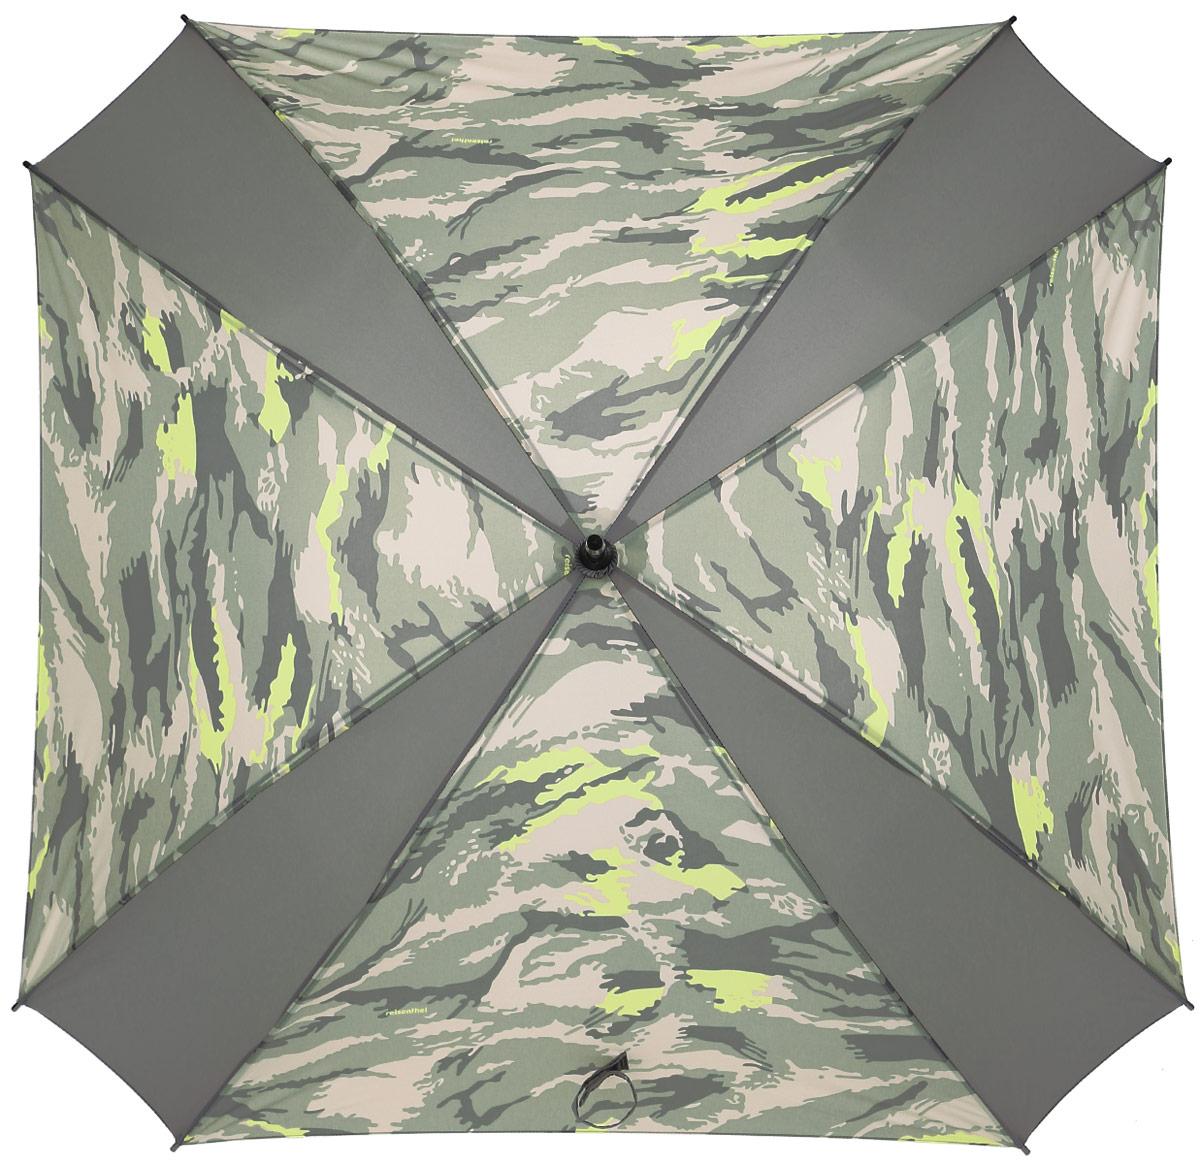 Зонт-трость Reisenthel, цвет: бежевый, светло-зеленый. YM5034YM5034Ни снег, ни проливной дождь не страшны, когда с вами ваш надежный друг - красивый зонт-трость. А надежен он благодаря своей инновационной форме в виде октагона - фигуры с 8 углами. У зонта гибкие спицы со специальными пружинами, которые не сломаются. При сильном ветре зонт просто вывернется наизнанку. А вот острый наконечник и ручка, которая позволяет повесить зонт - самые что ни на есть классические, удобные и красивые. Чтобы просушить его, просто оставьте открытым (пожалуйста, не сворачивайте зонт, пока он мокрый).